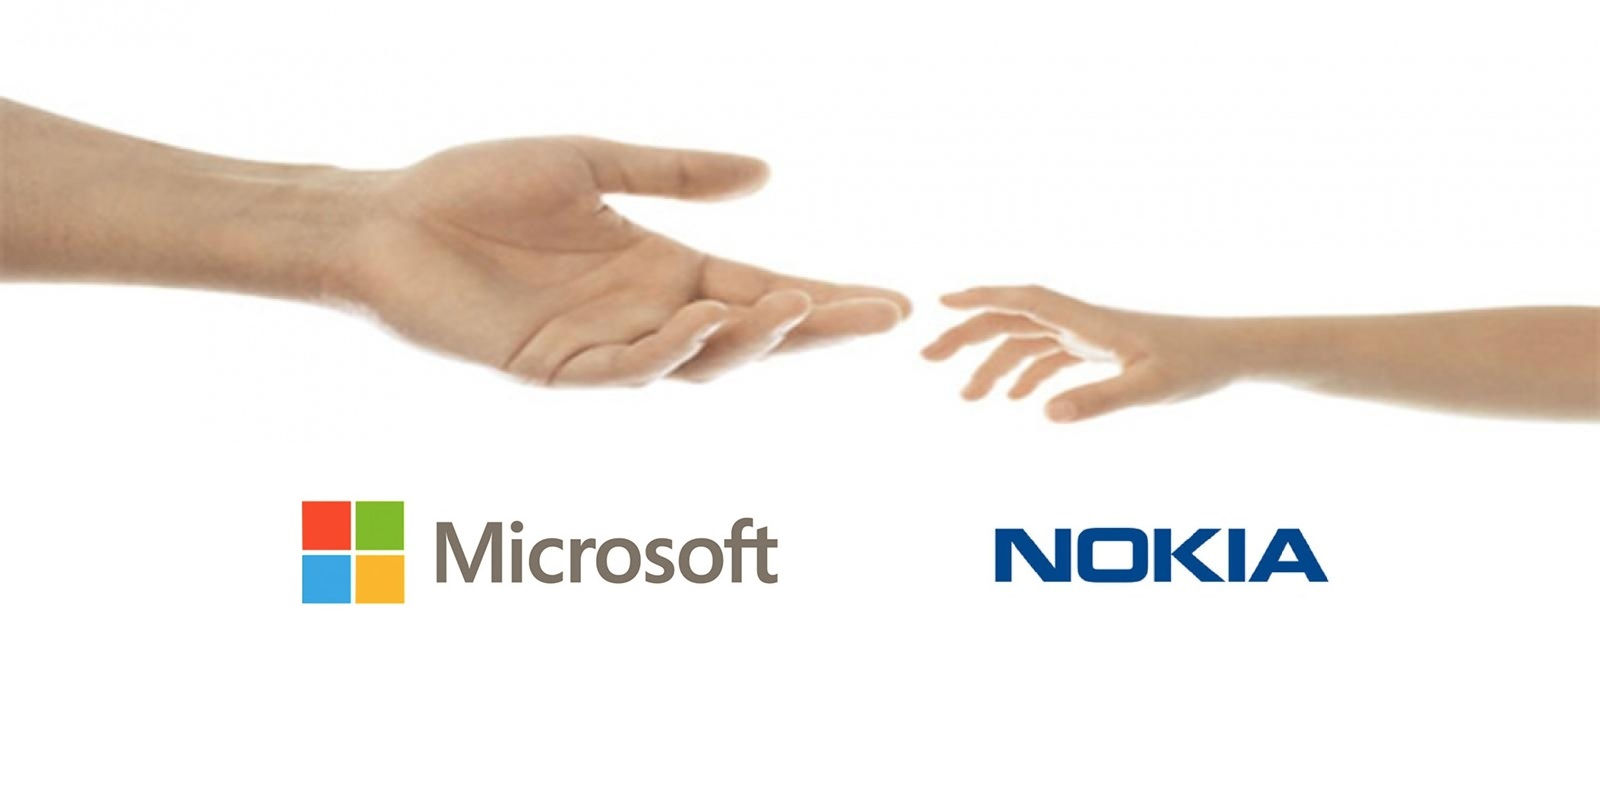 کاهش 3000 شغل مایکروسافت در پی جدا شدن از نوکیا